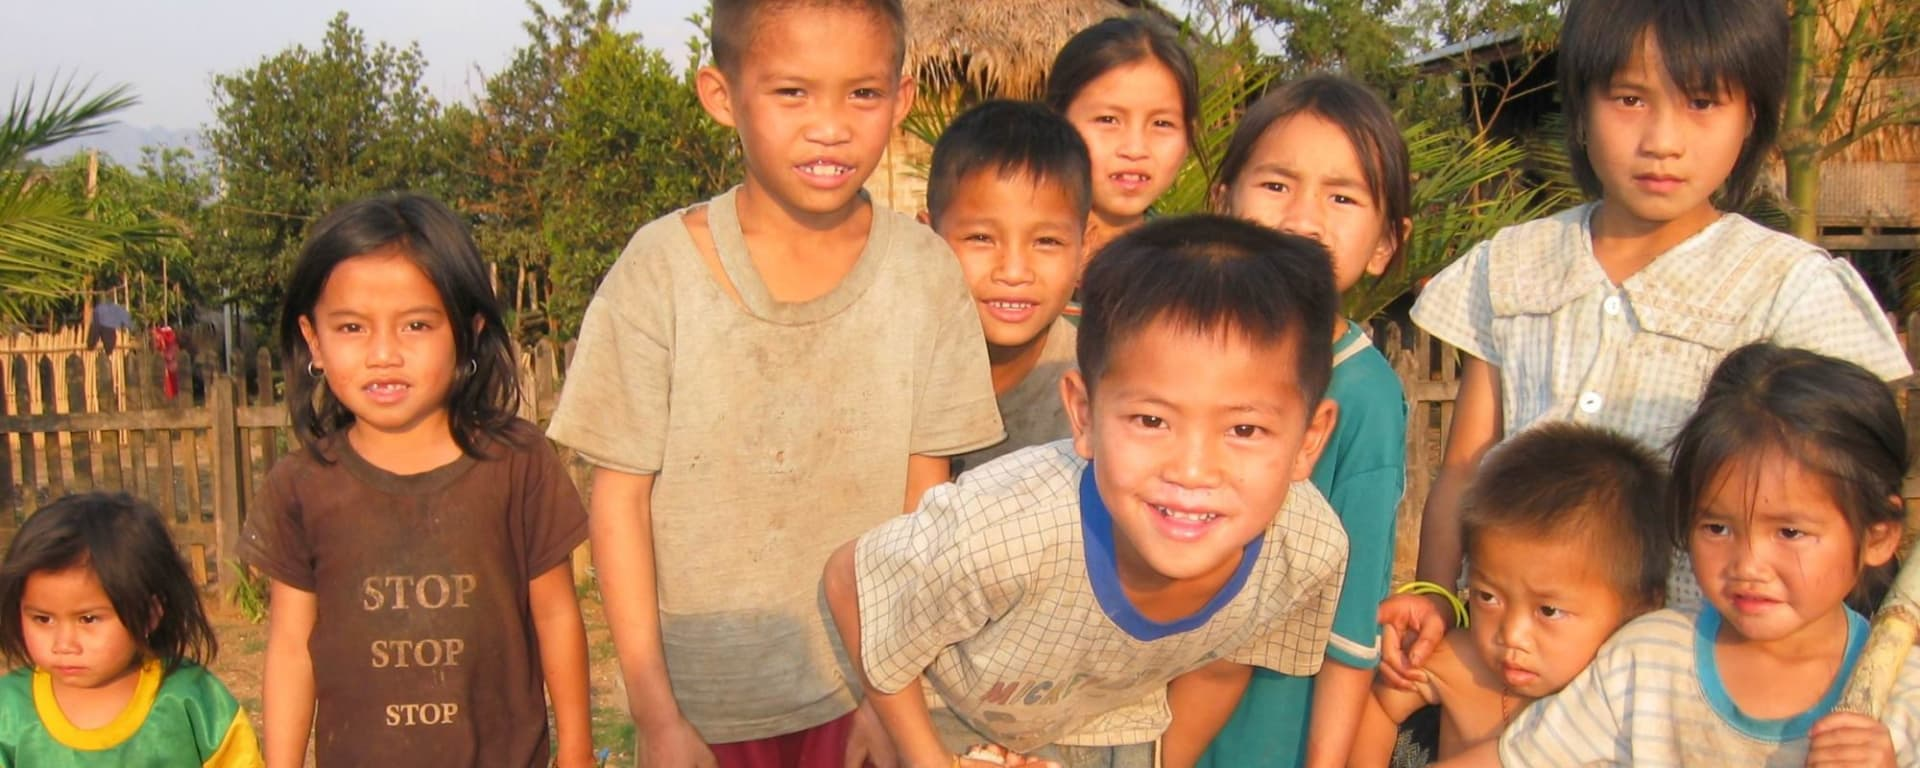 Überland von Luang Prabang nach Vientiane - 3 Tage: Laos: curious kids in a village